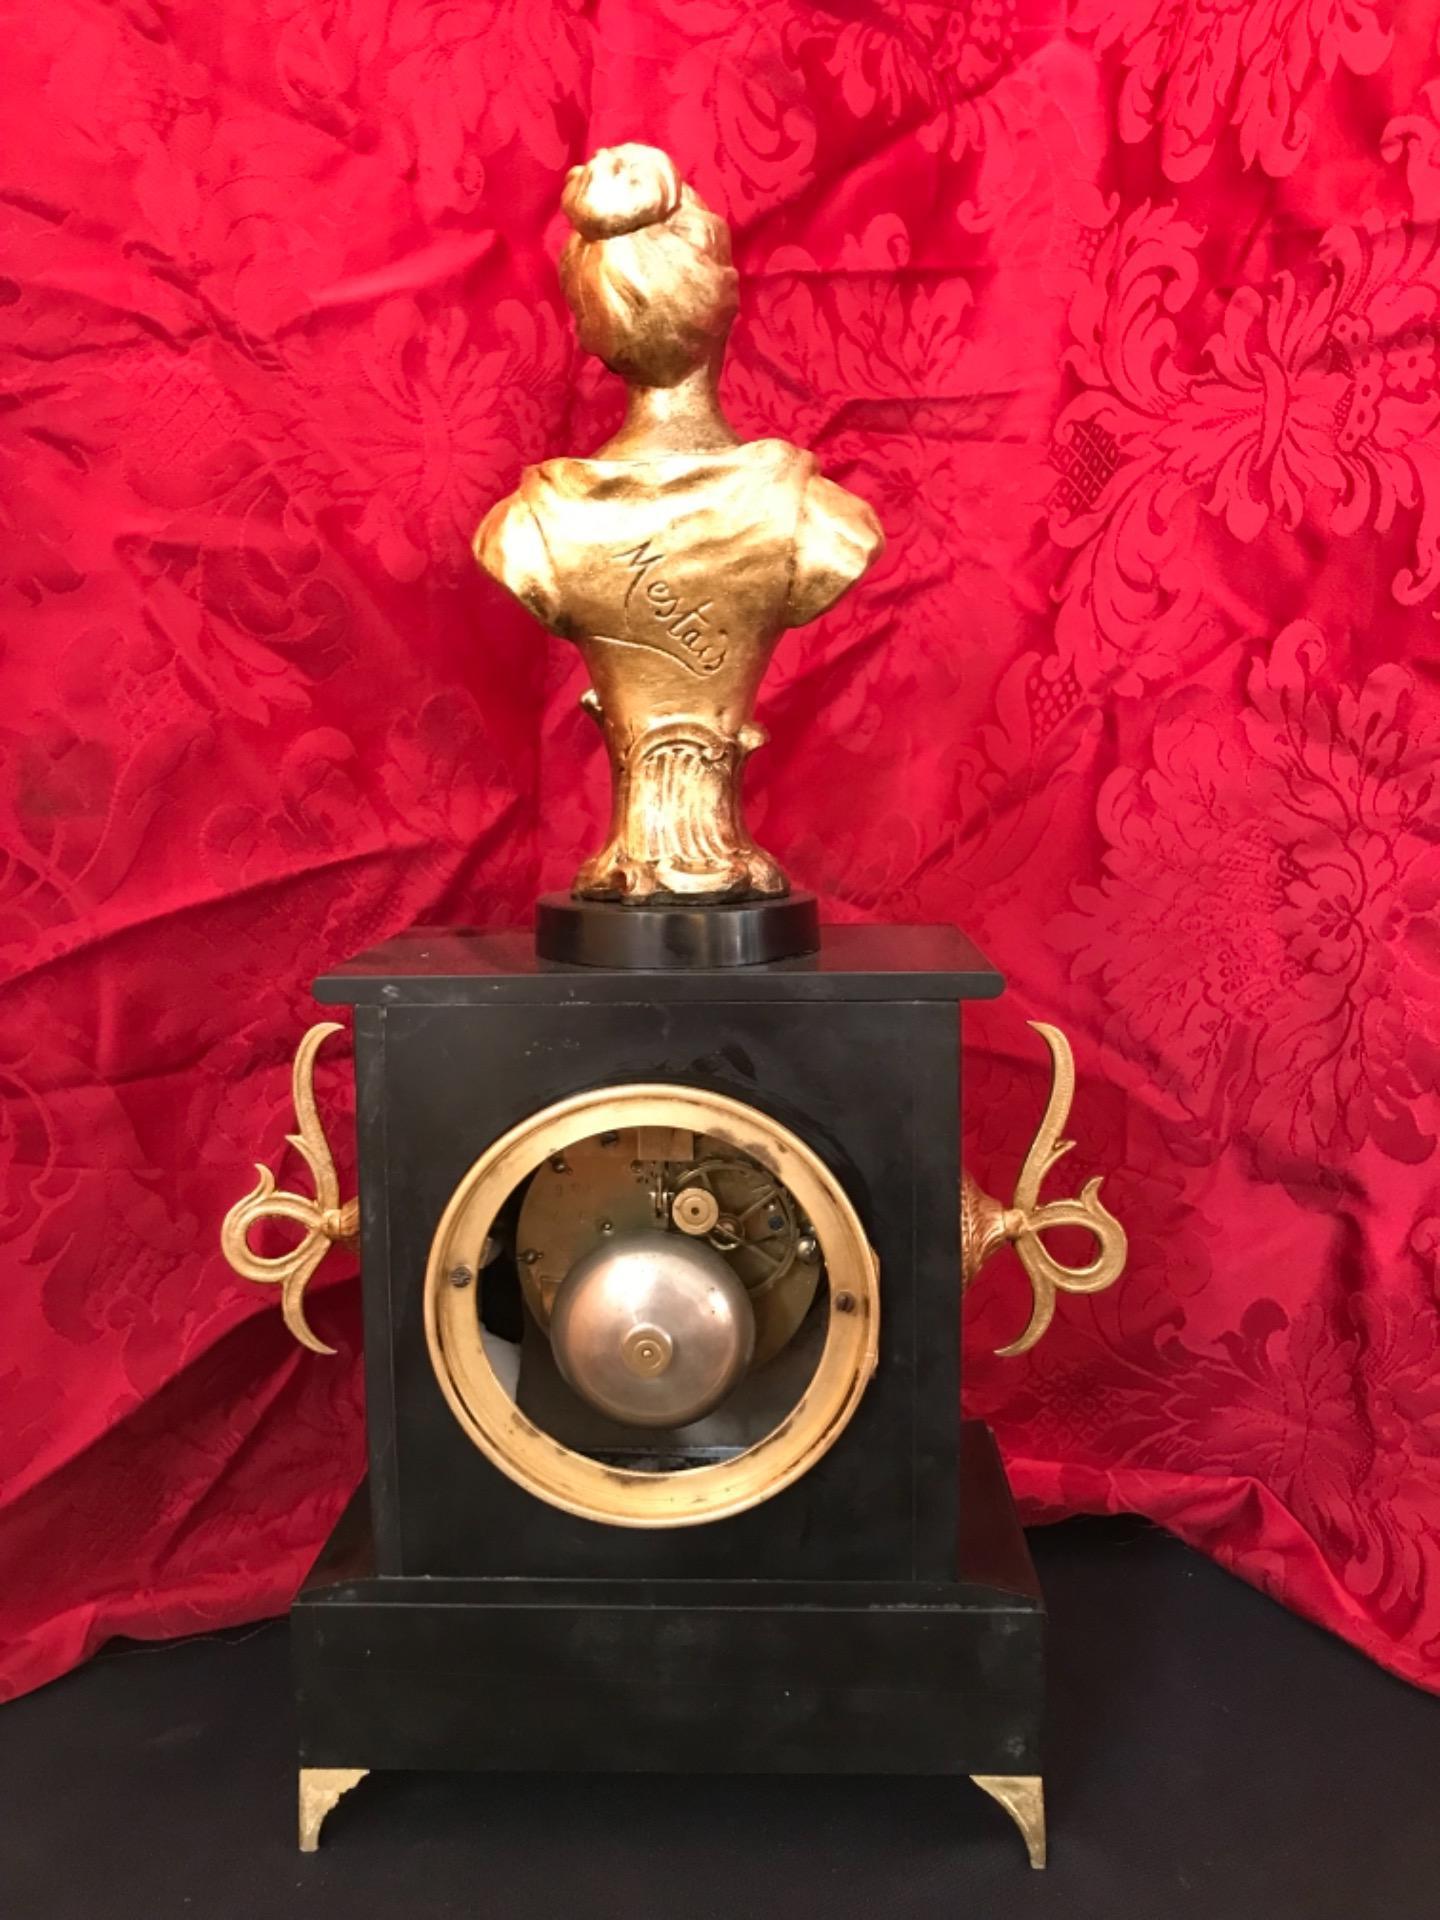 thumb5|Orologio a pendolo con scultura firmata Mestais